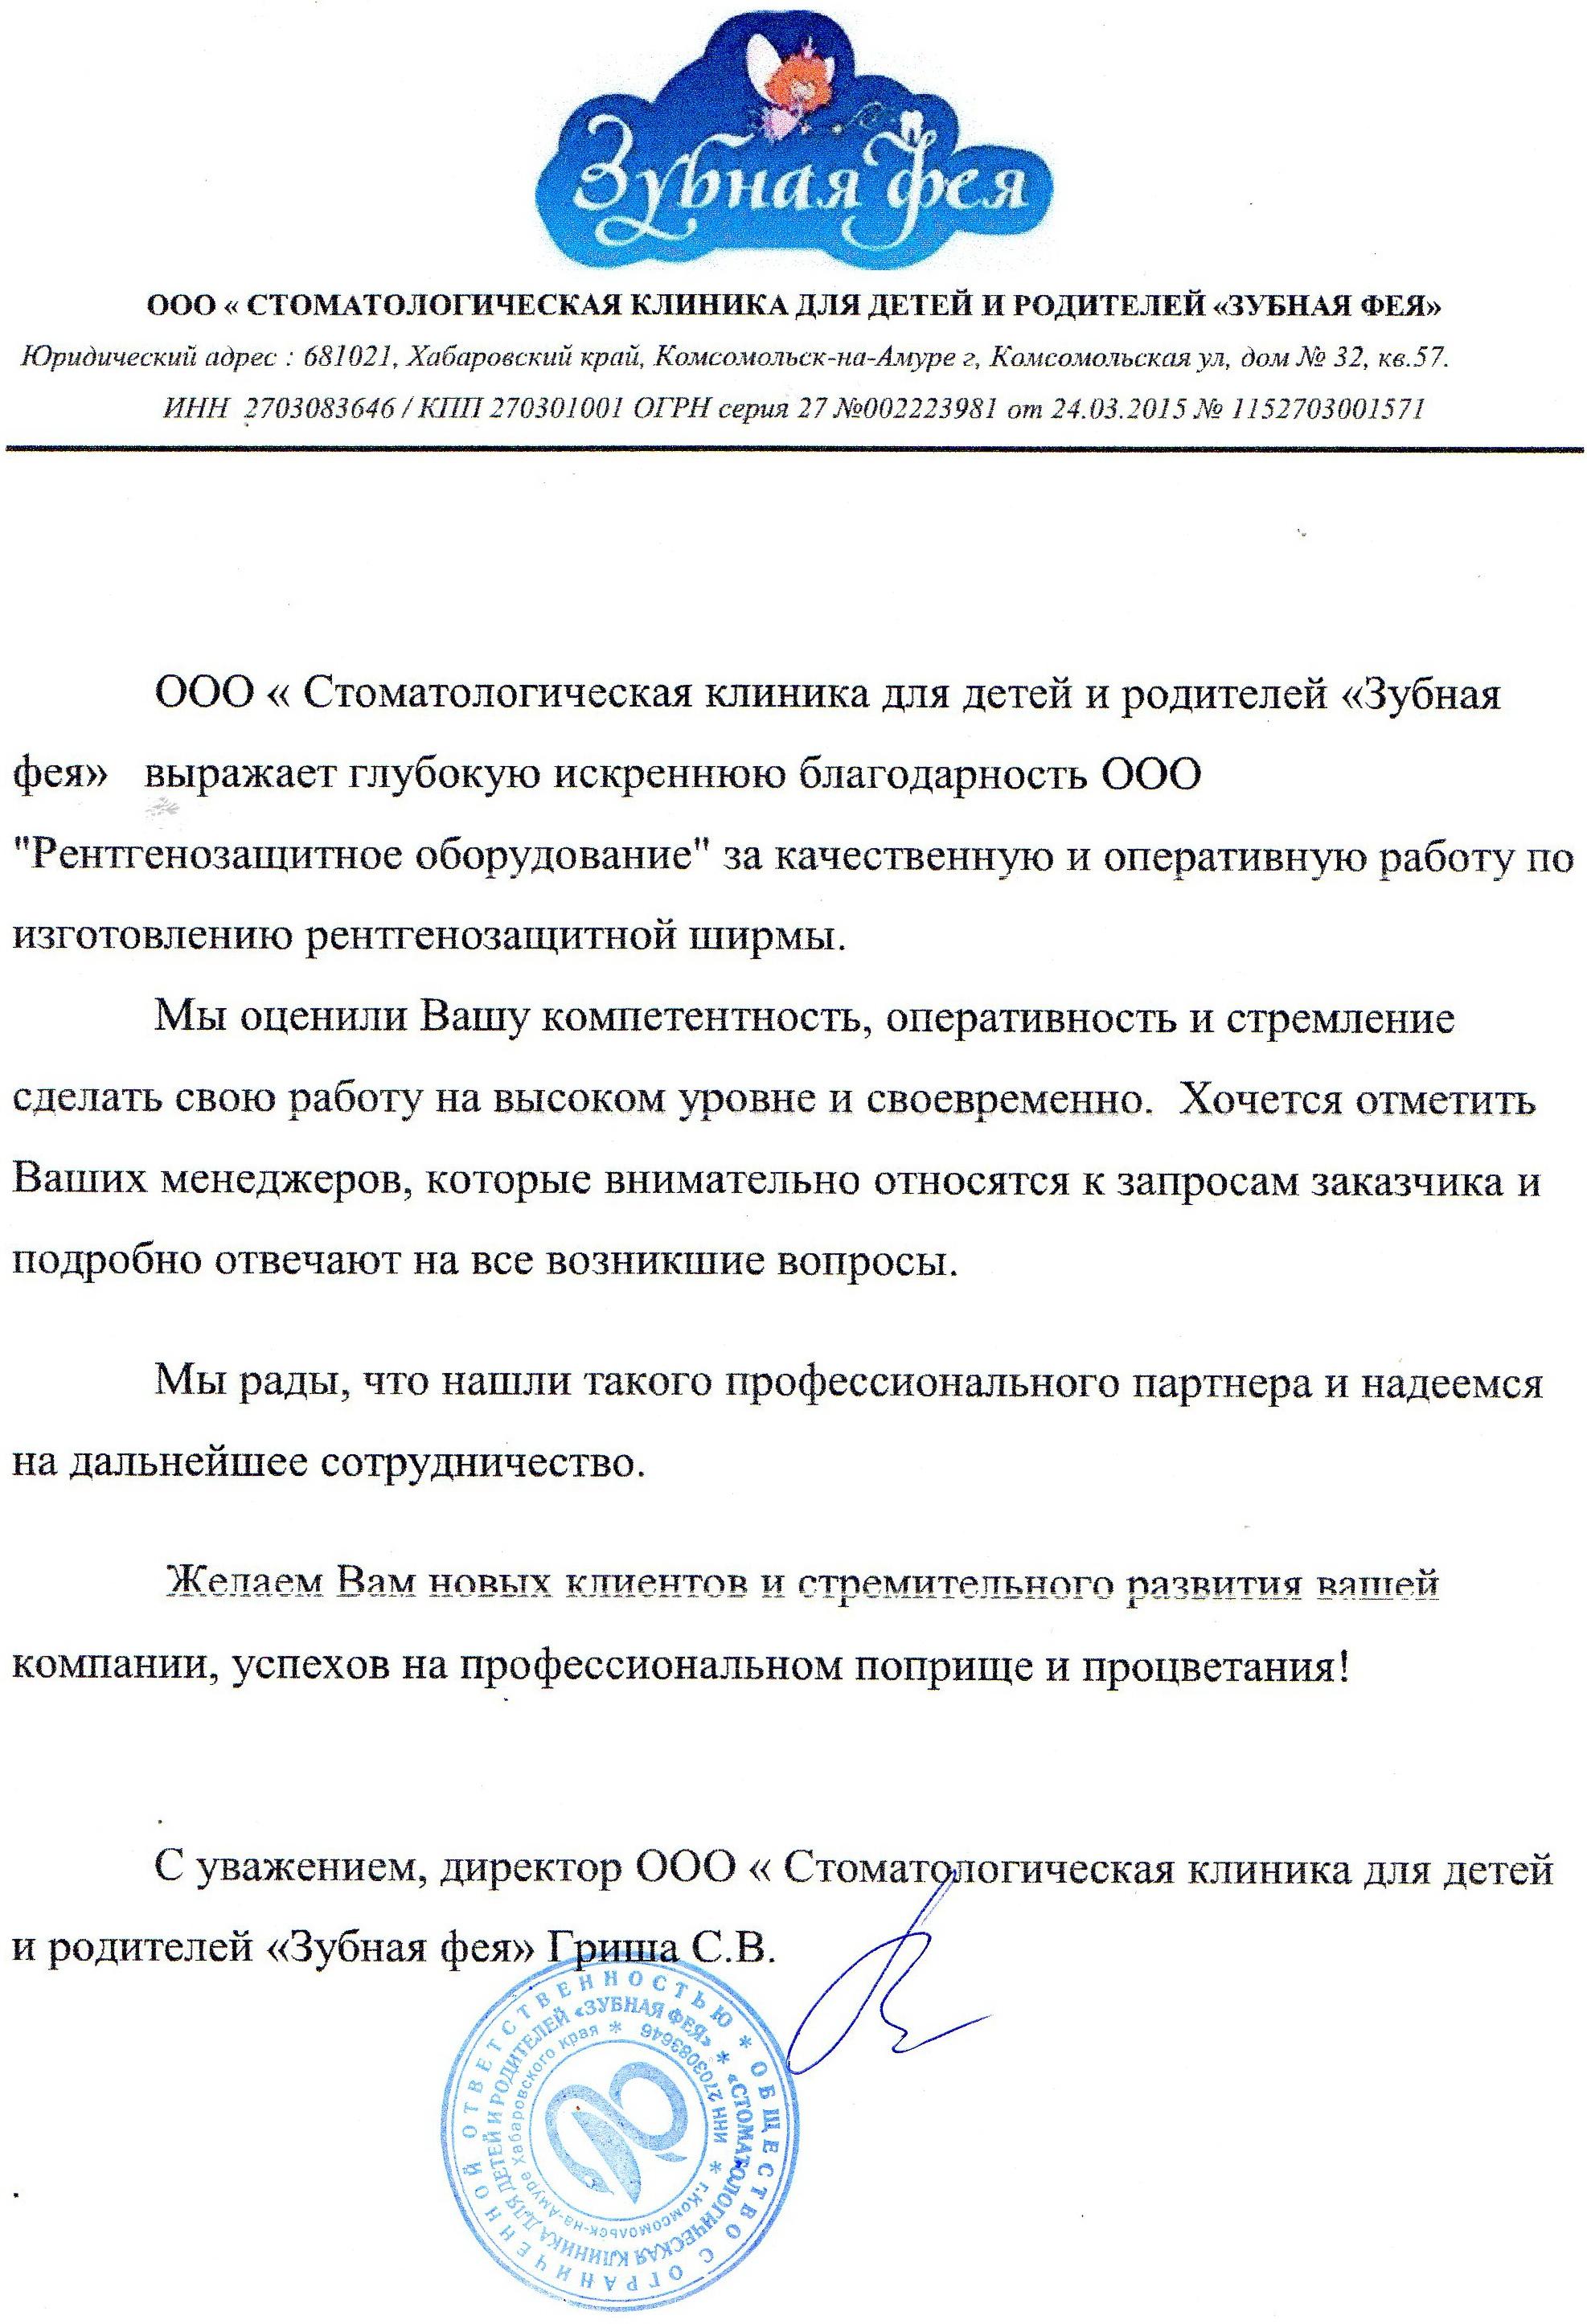 otzyv-zubnaya-feya